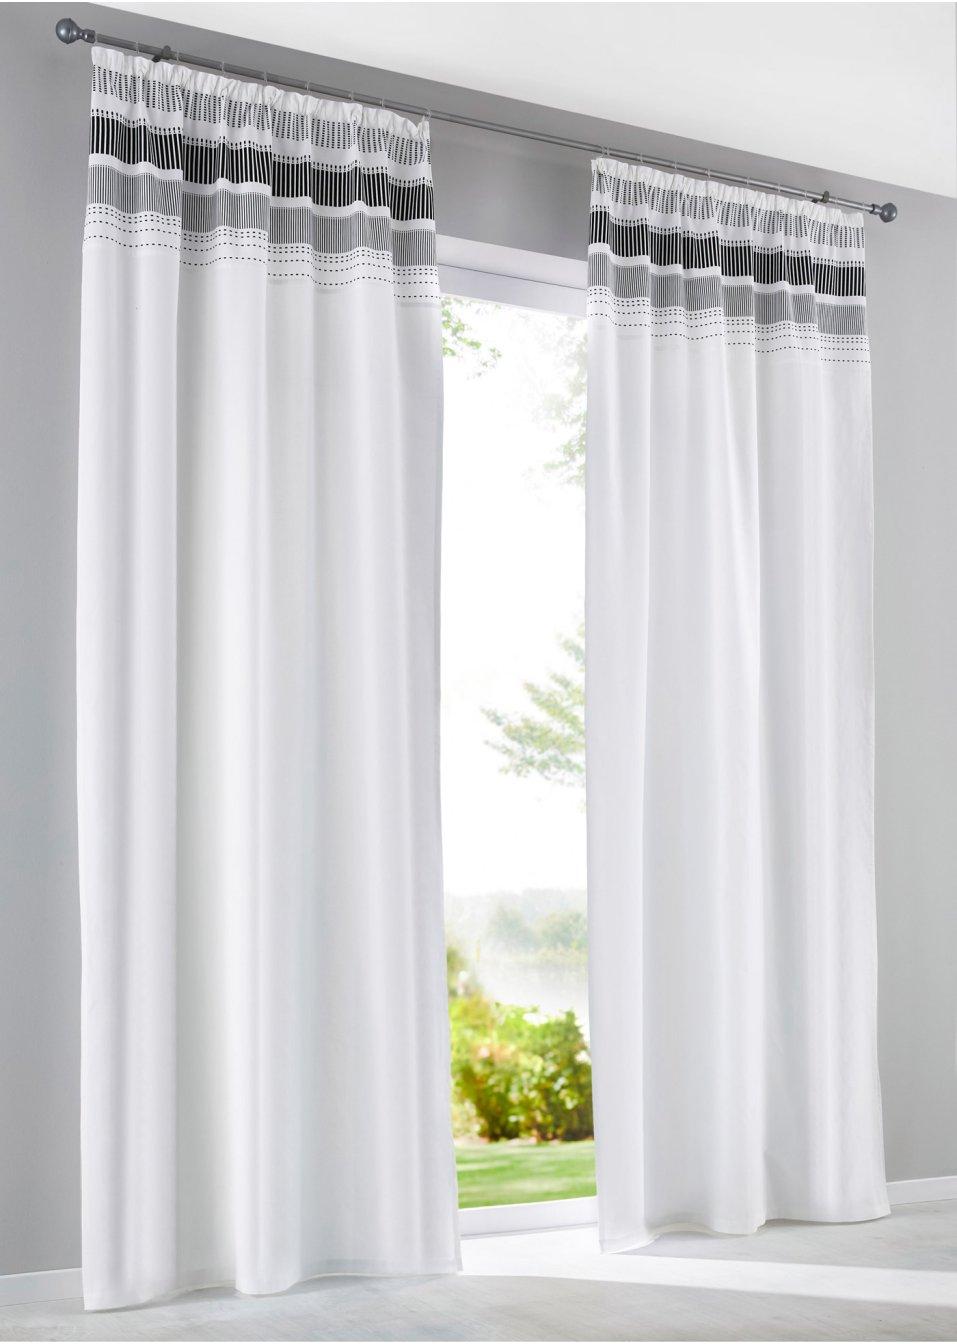 Vorhang Schwarz Weiß Gestreift : vorhang streifen 1er pack wei schwarz gestreift bpc ~ Watch28wear.com Haus und Dekorationen